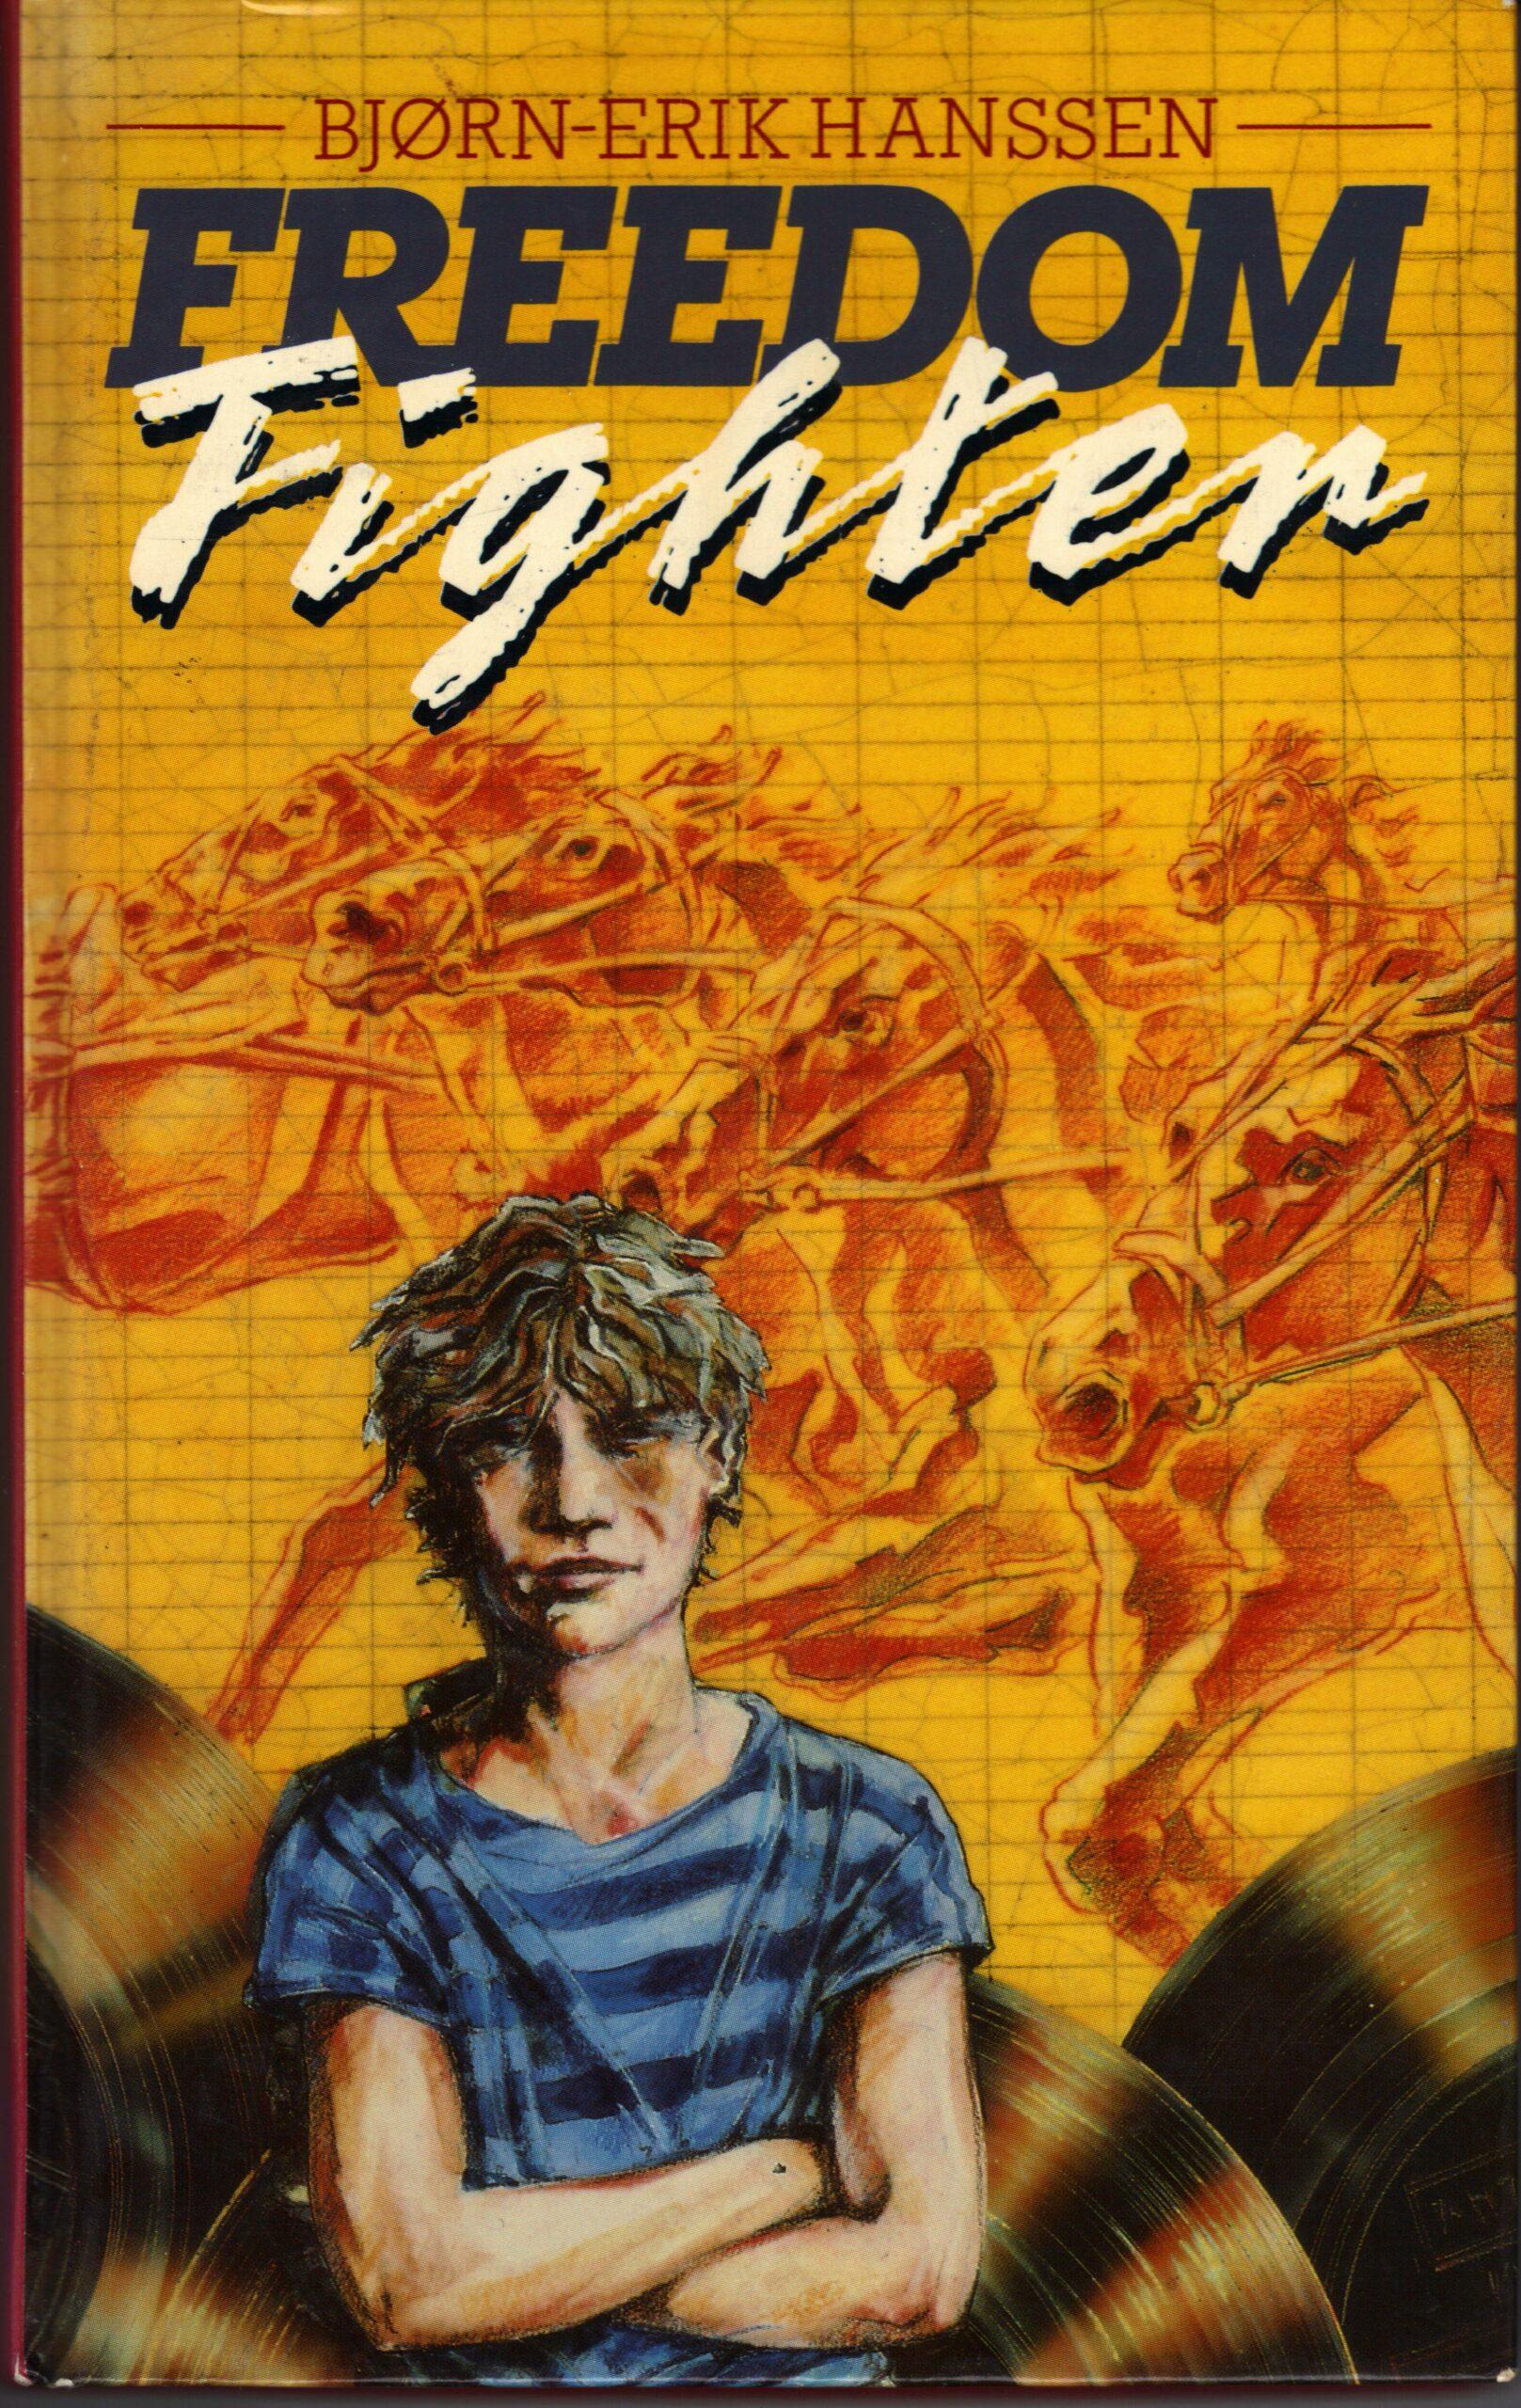 Freedom Fighter ungdomsroman travkjøring Trondheim 1960-tallet